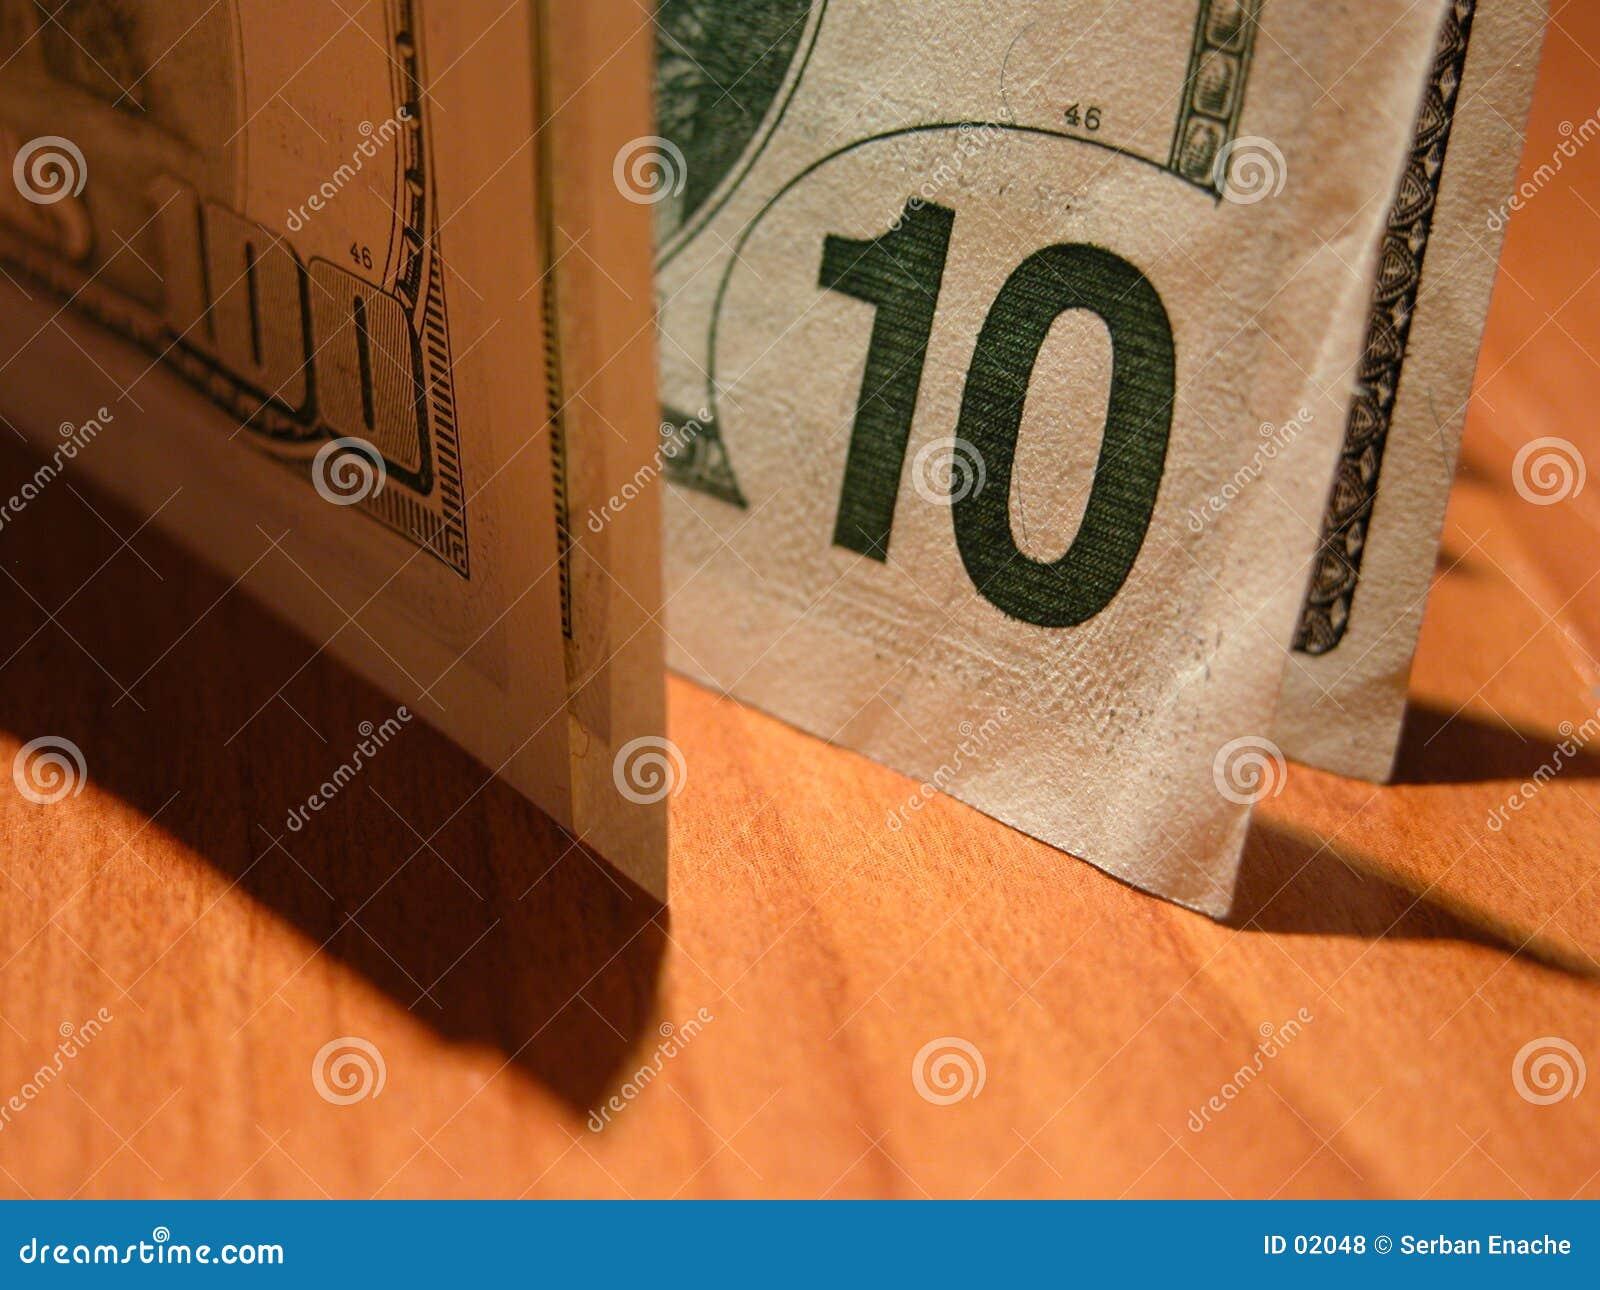 Ten dollars bill ($100 in shade)